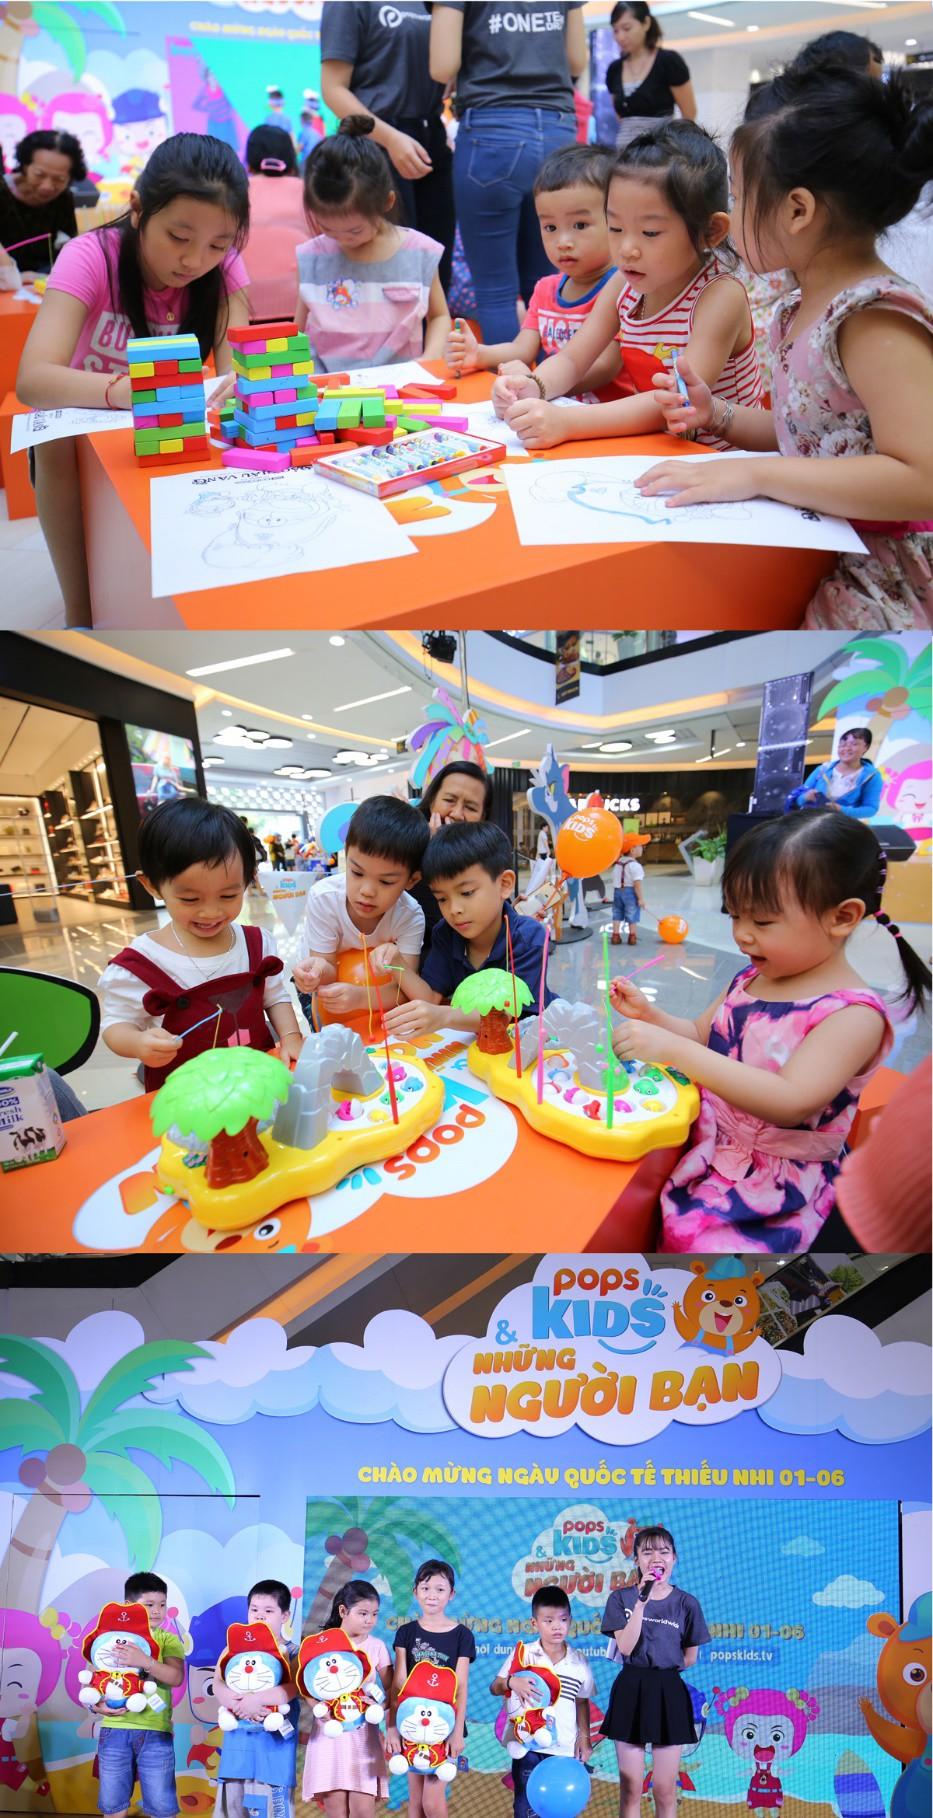 POPS Kids sẽ dẫn đội quân Pikachu đến thăm các bé vào quốc tế thiếu nhi - Ảnh 5.